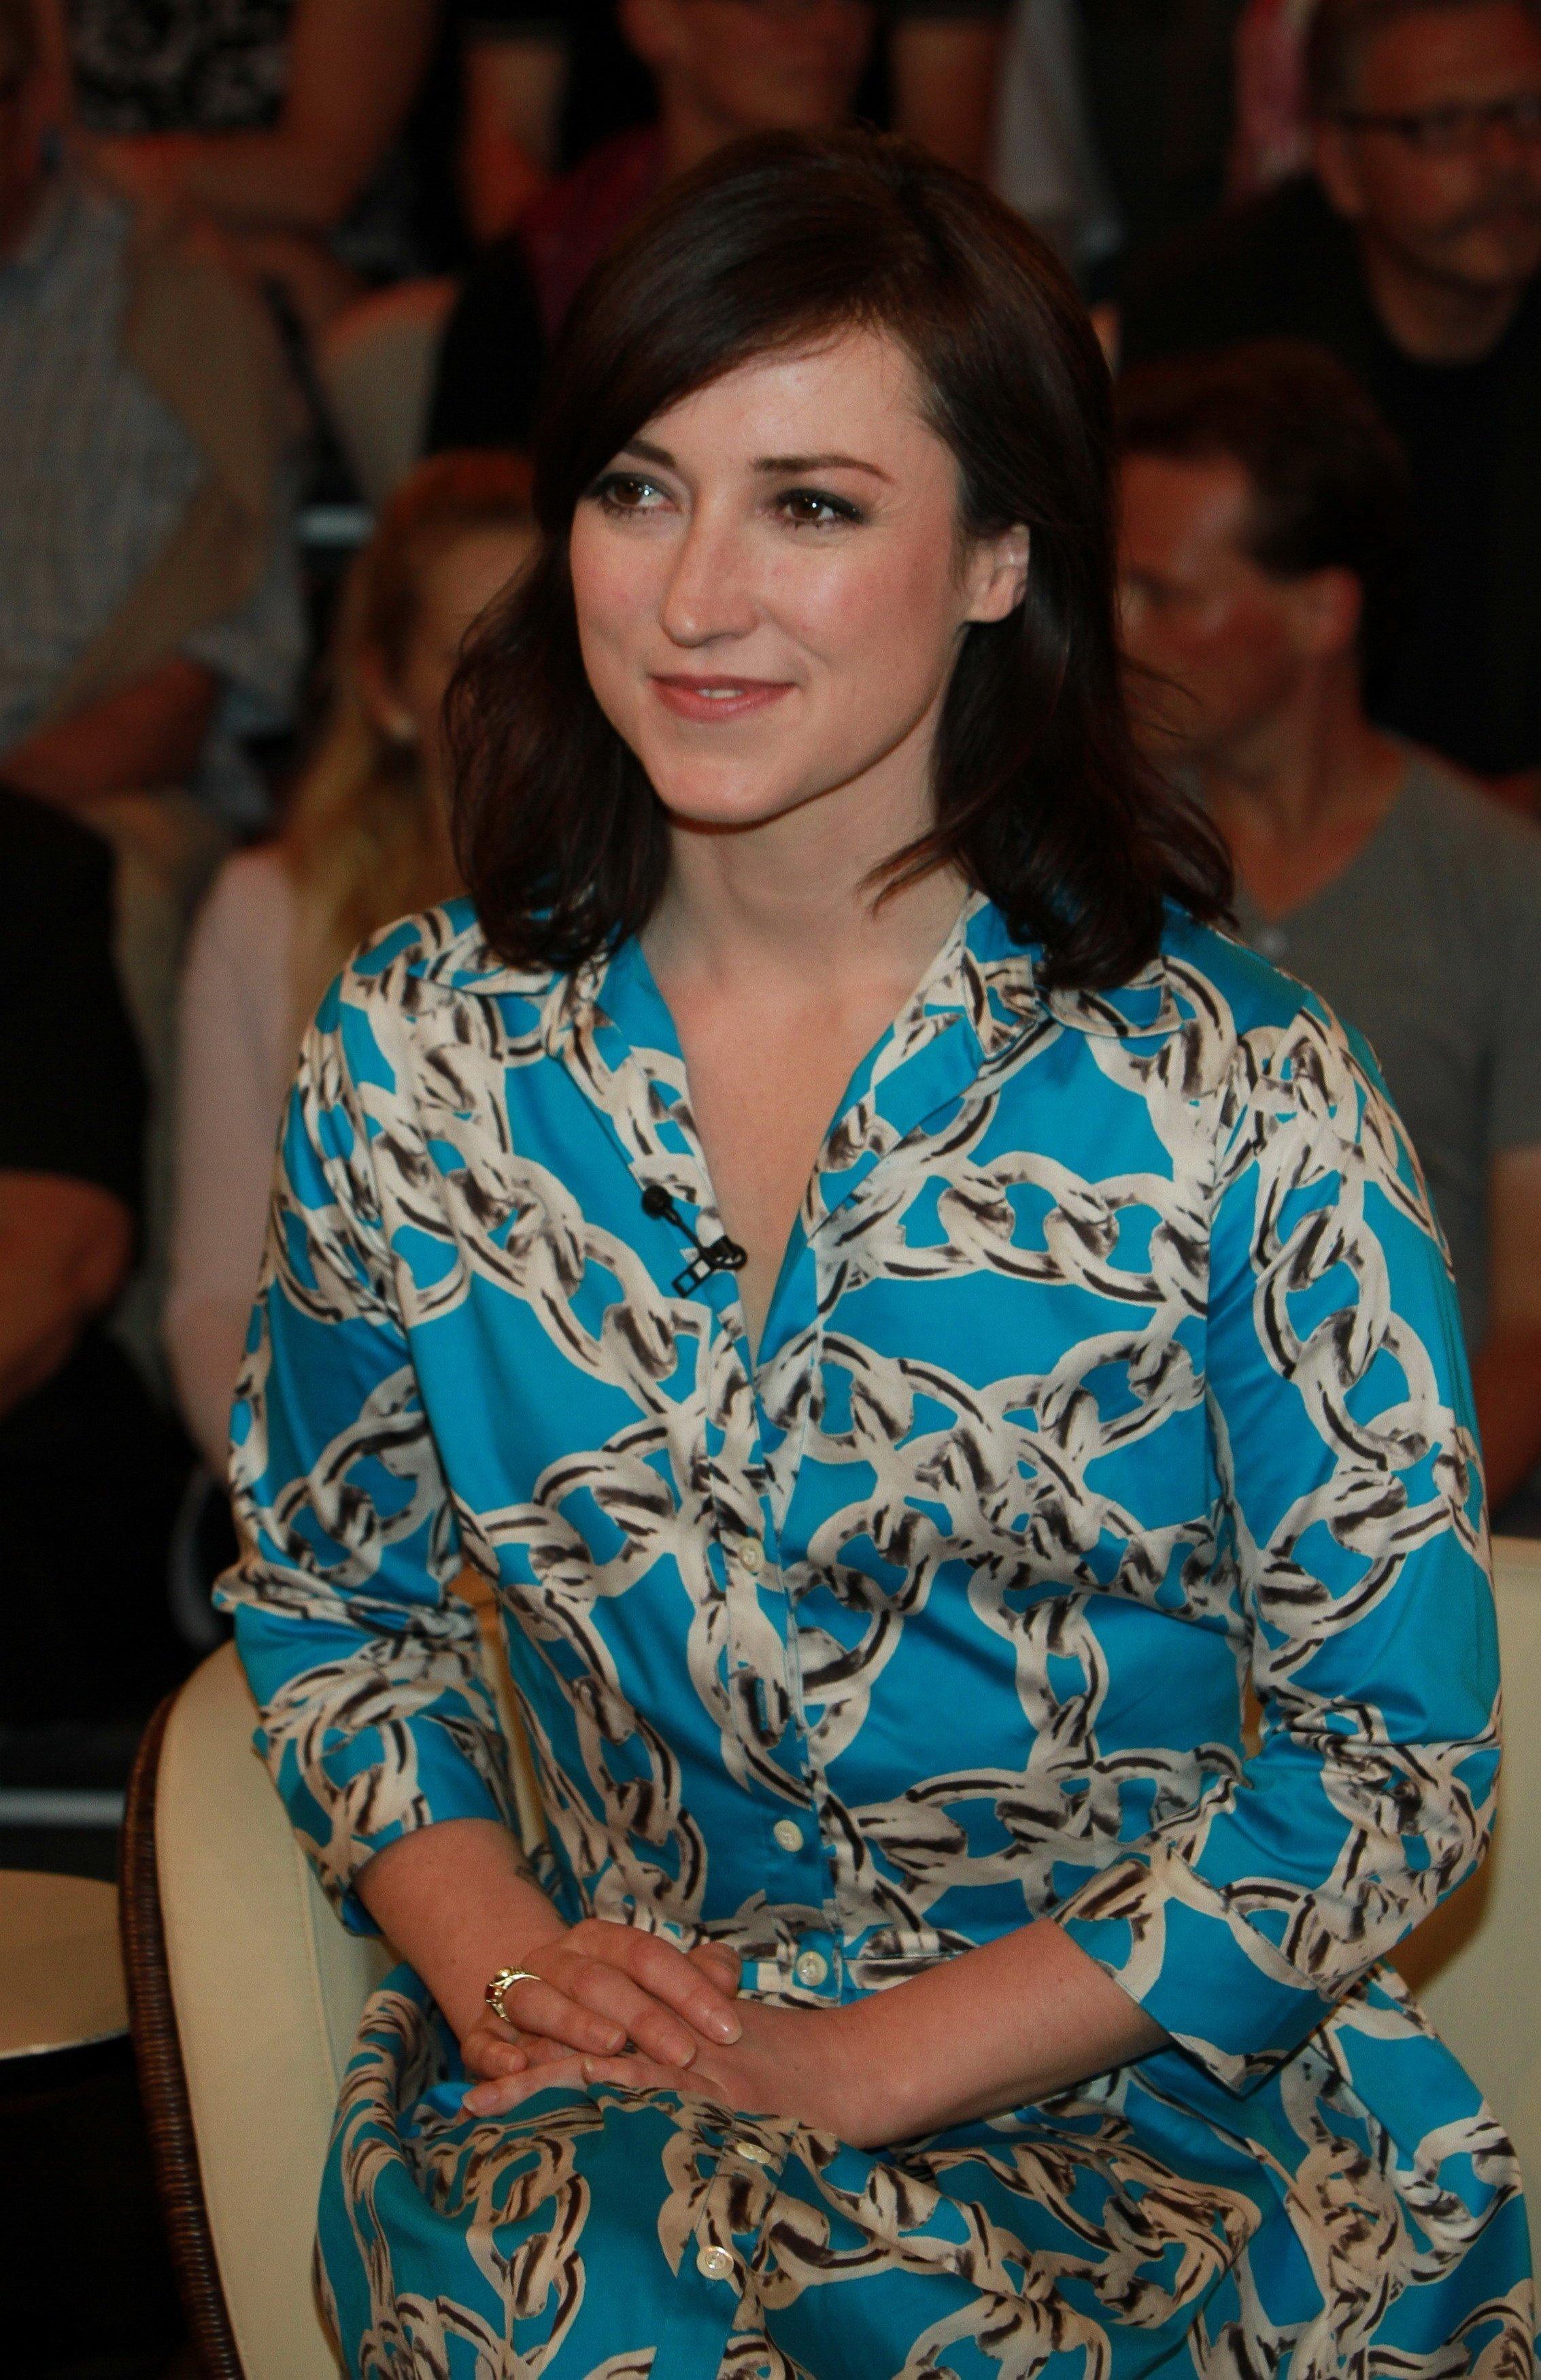 Charlotte Roche wirft WDR-Mann sexuelle Belästigung